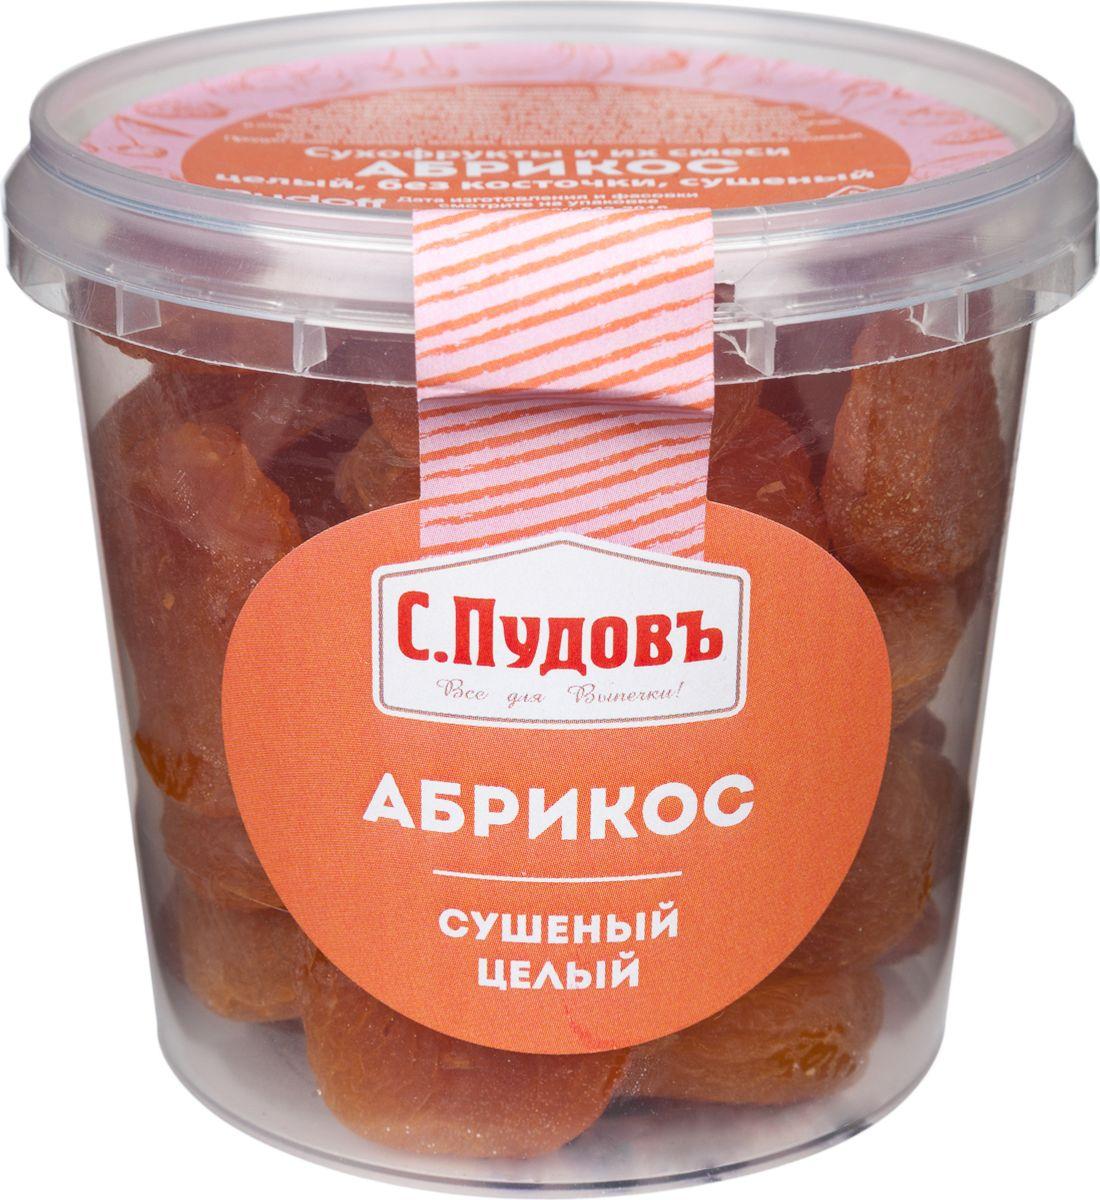 Пудовъ абрикос сушеный целый, 250 г абрикос сушеный без косточек каждый день 450г